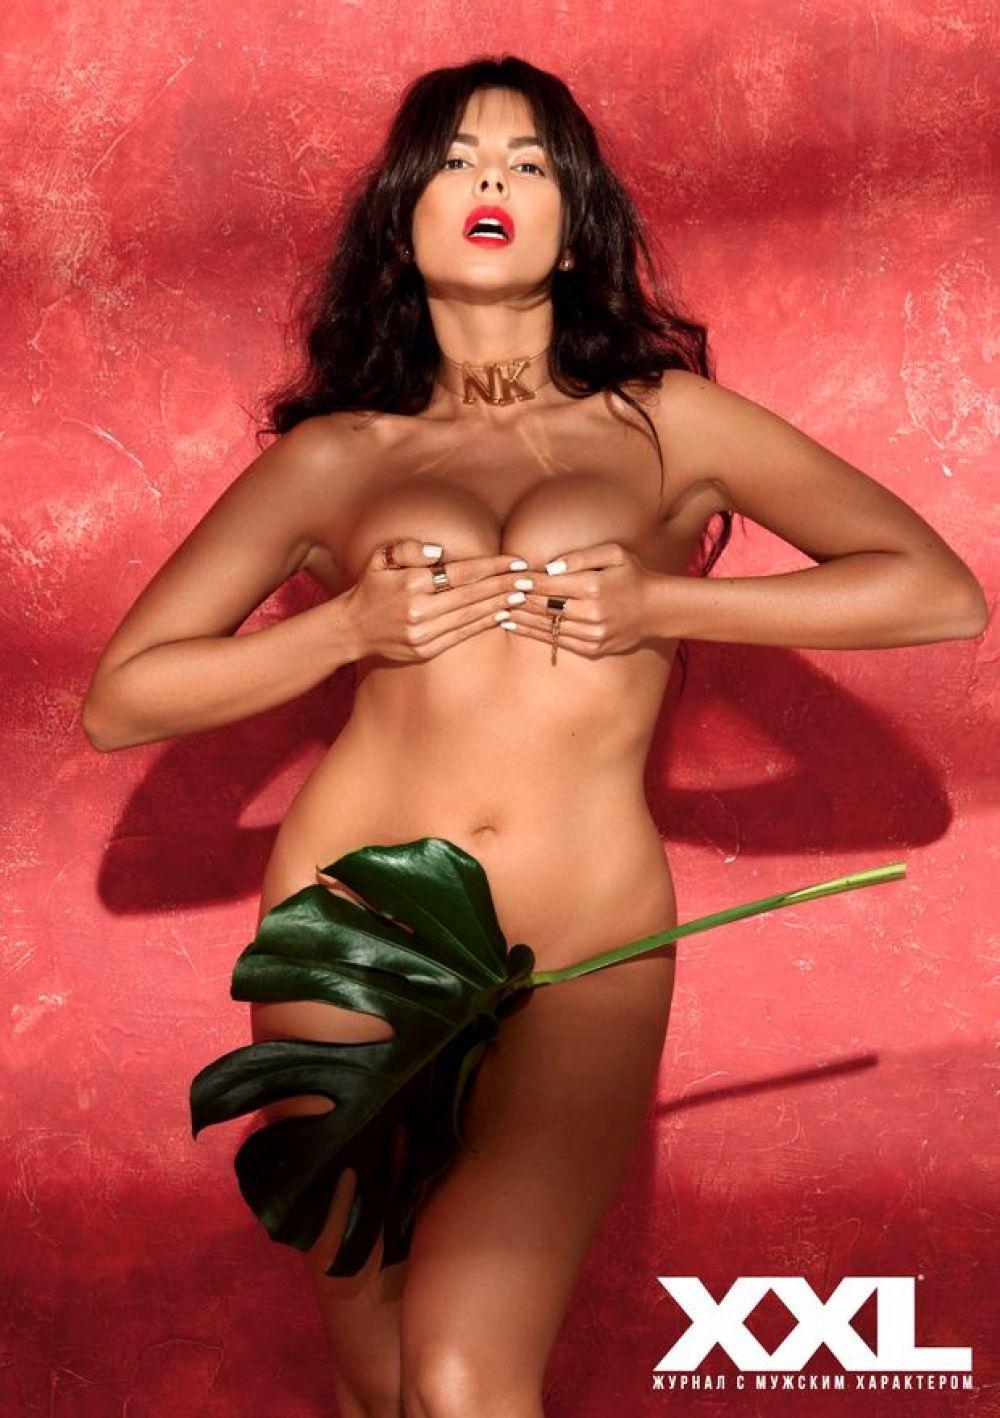 этим столкнулся. Можем красивые девушки фото попки грудь Вам посетить сайт, котором